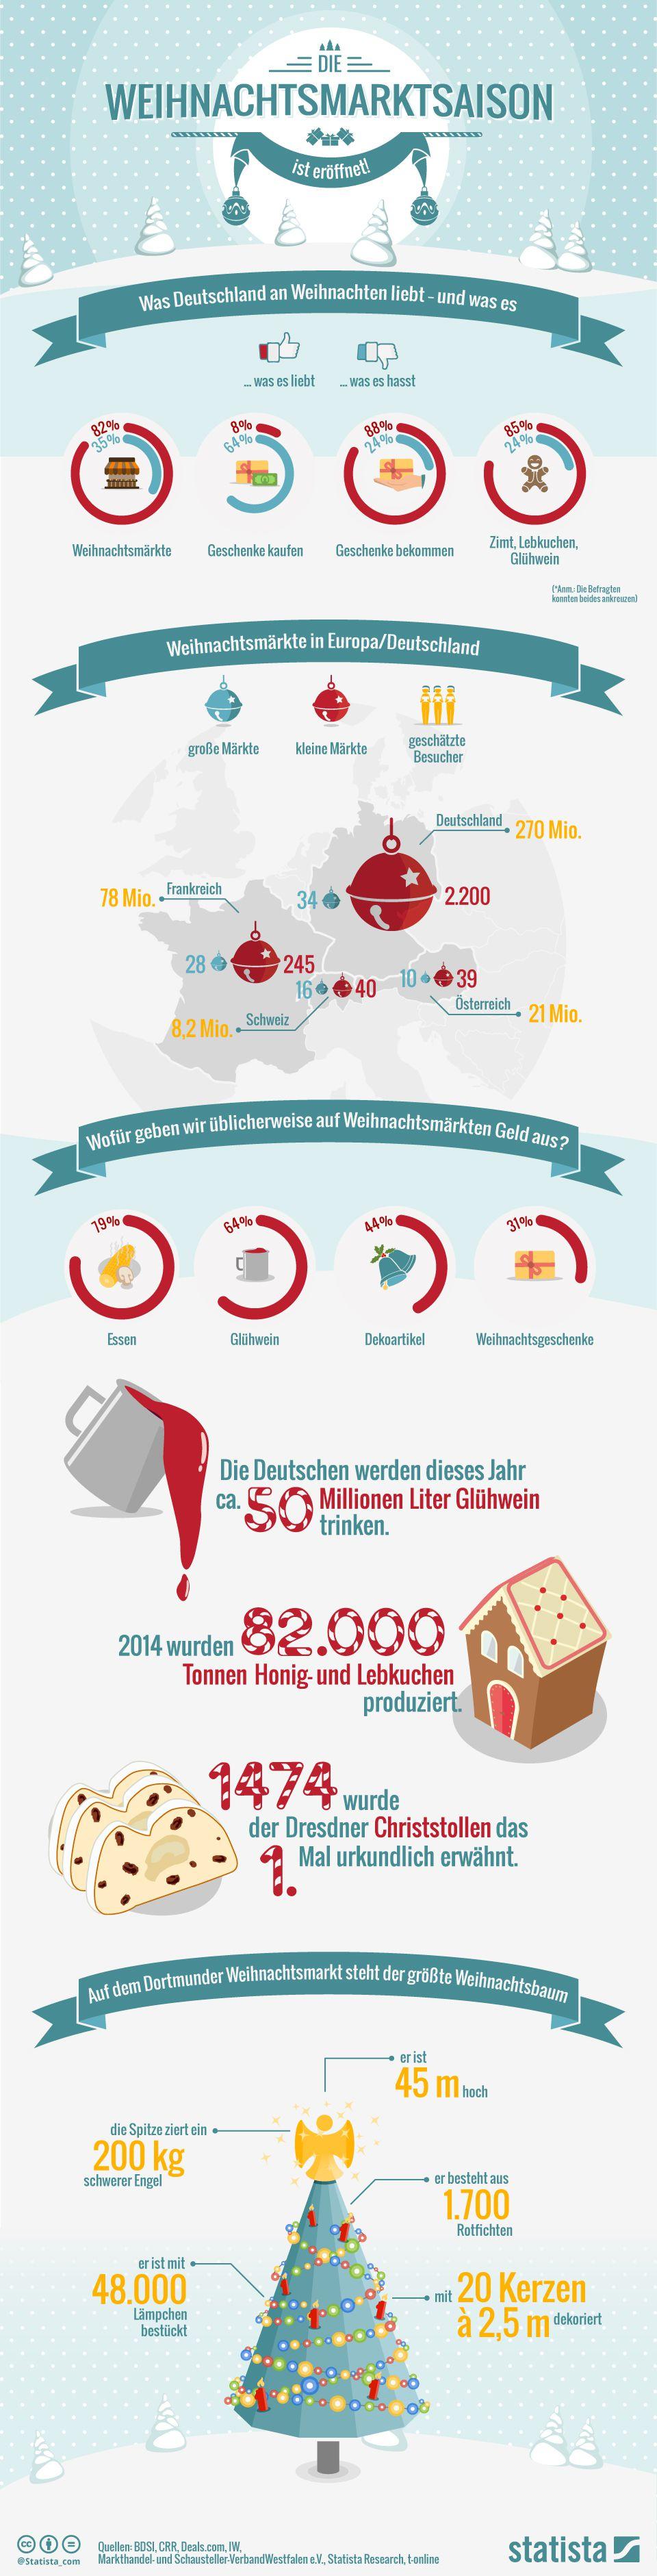 Infografik: Weihnachtsmarktsaison 2015 ist eröffnet